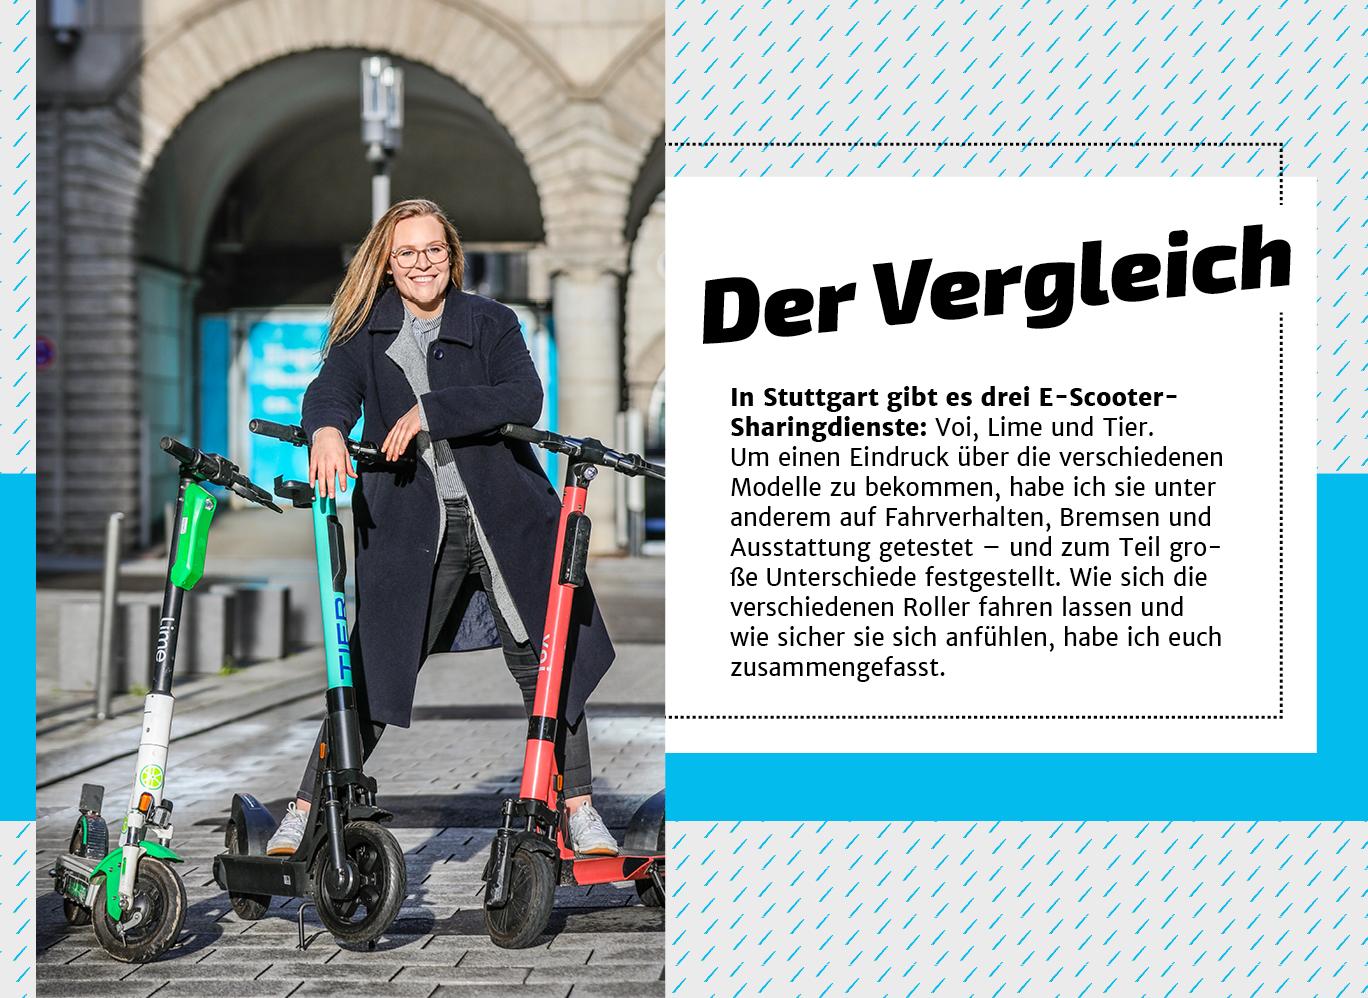 In Stuttgart gibt es drei E-Scooter-Anbieter: Voi, Lime und Tier.